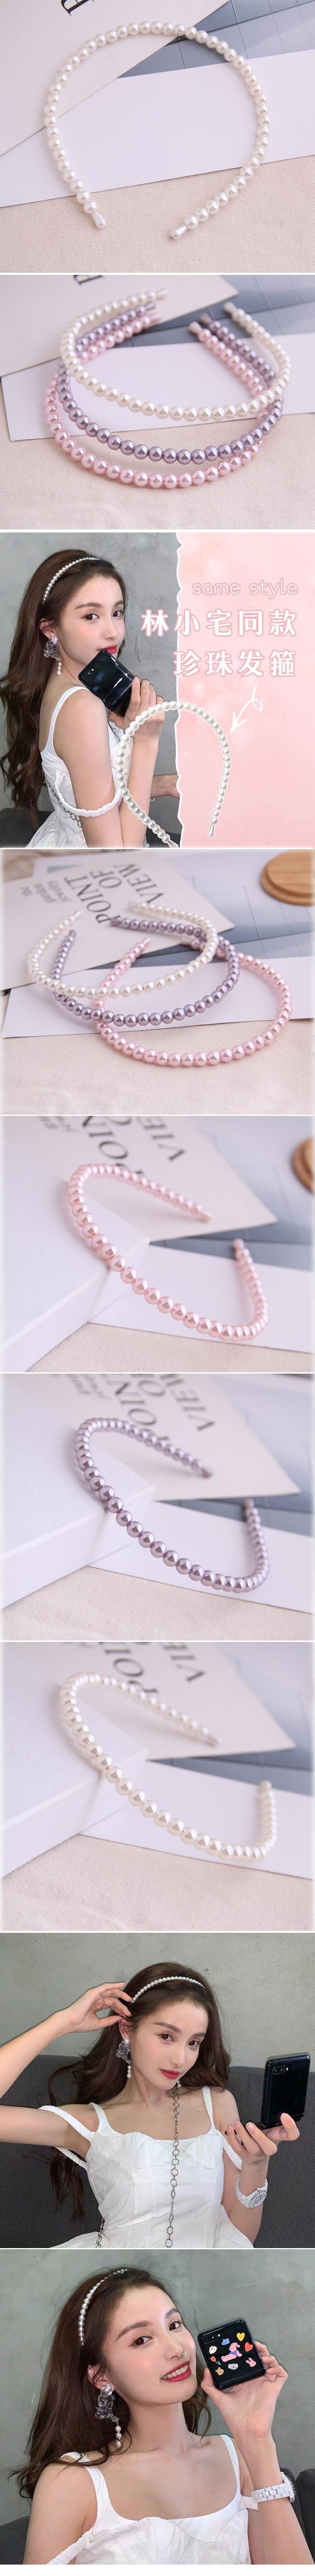 Mode corenne bandeau allmatch simple perle dames simple bandeau accessoires pour cheveux bandeau en alliage nihaojewelry nihaojewelry NHSC236997